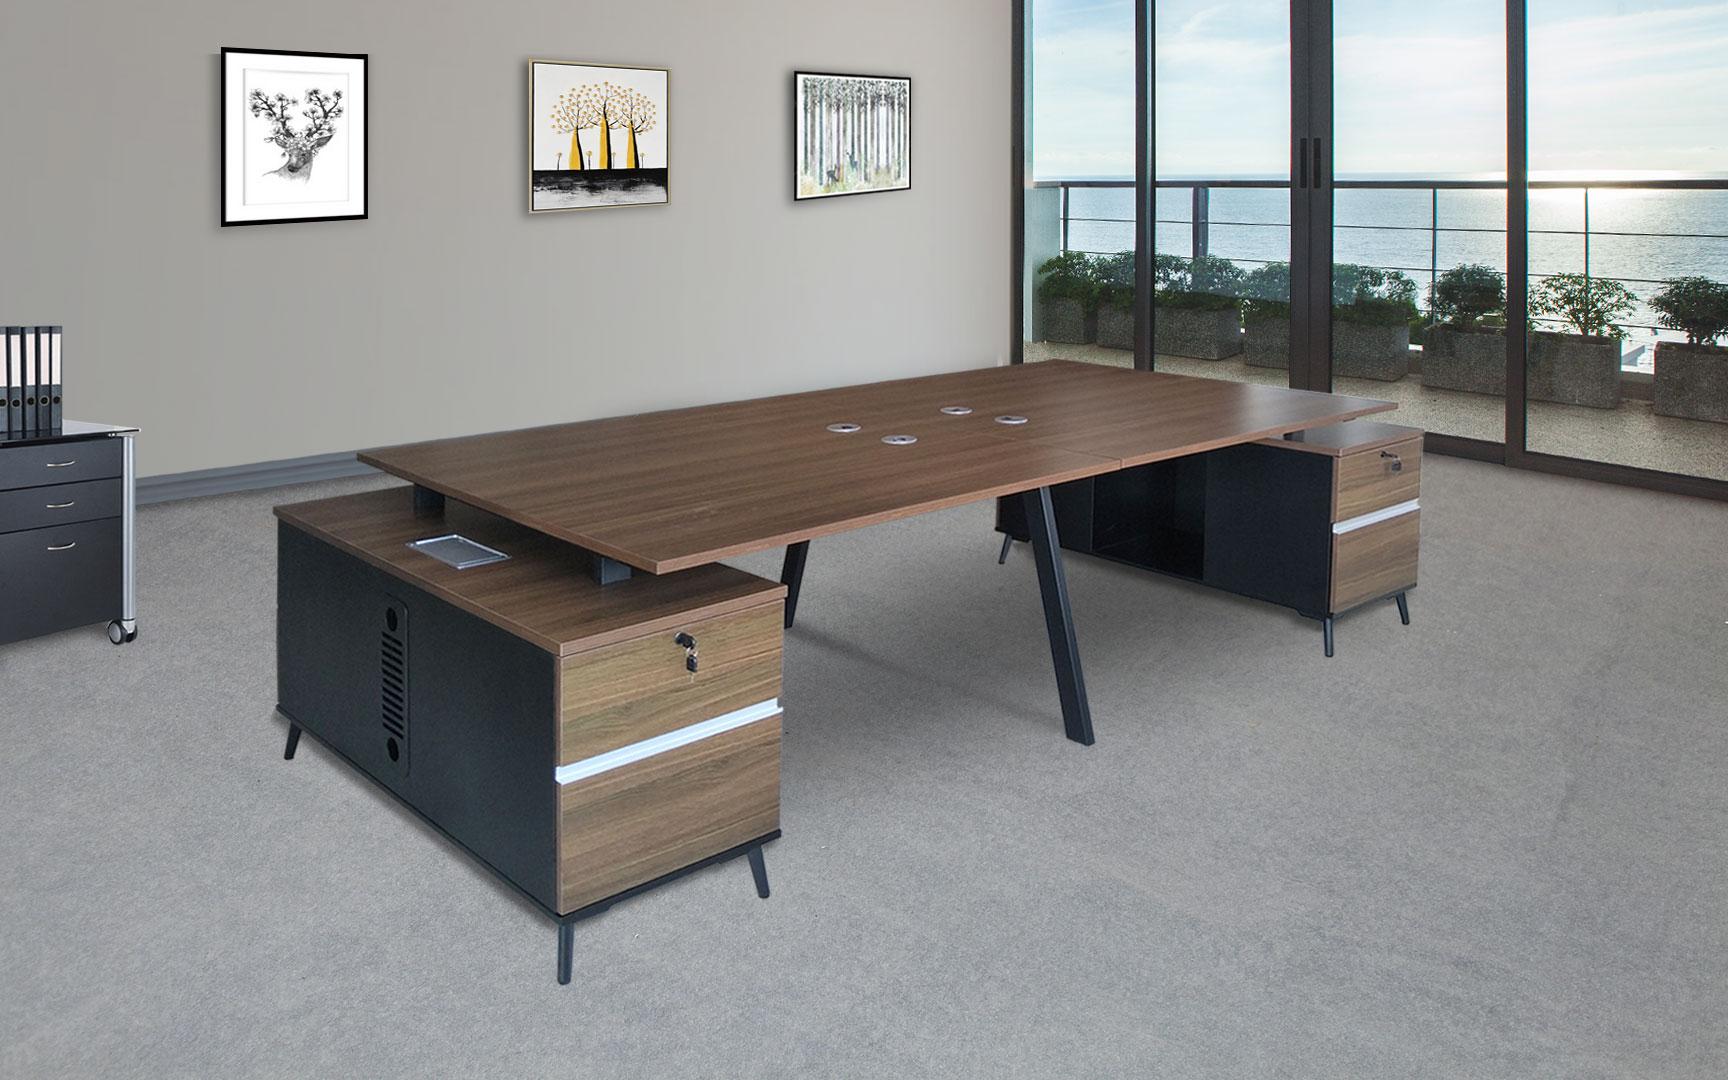 吉林市辦公桌椅定制產品造型多樣